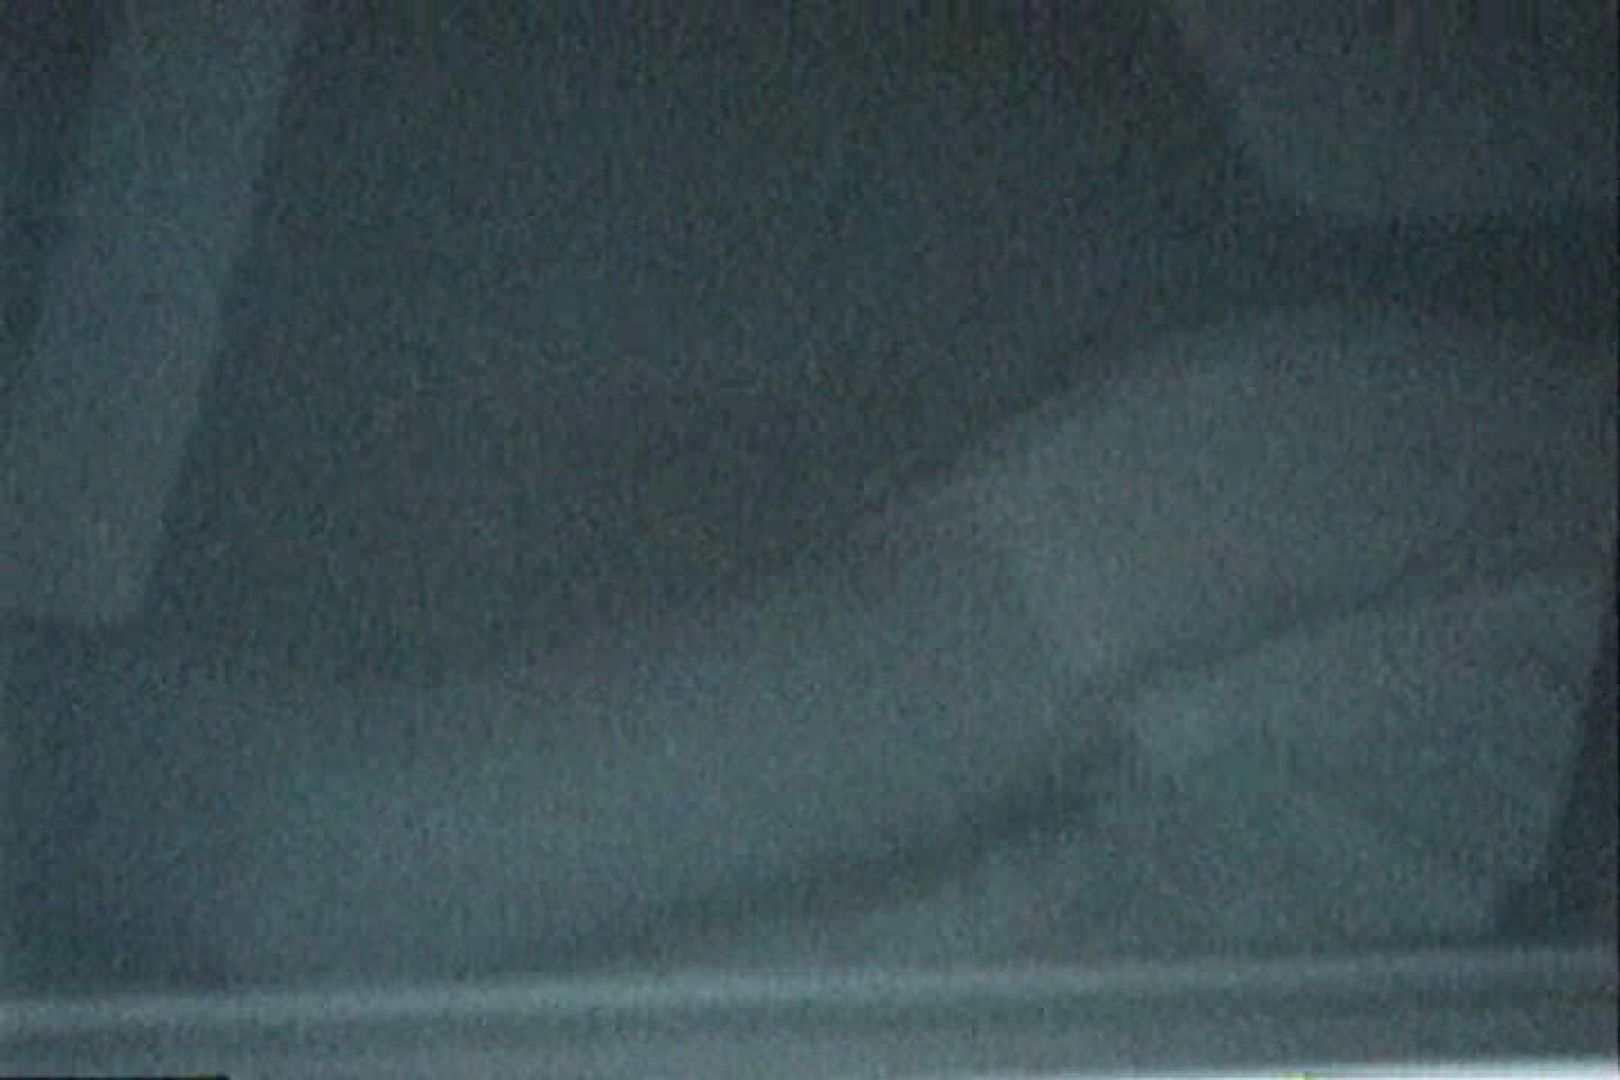 充血監督の深夜の運動会Vol.143 おまんこ おまんこ動画流出 76pic 14